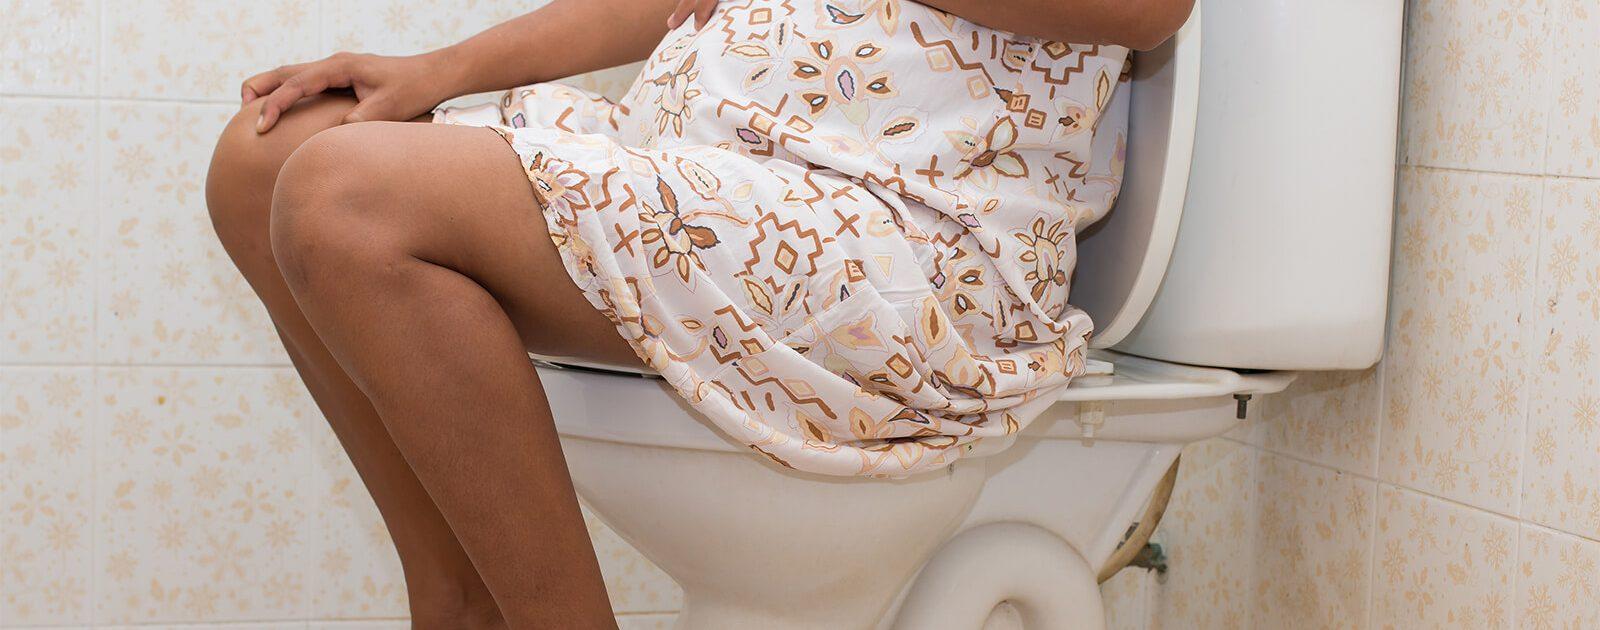 Schwangere Frau sitzt aufgrund von Durchfall auf der Toilette.